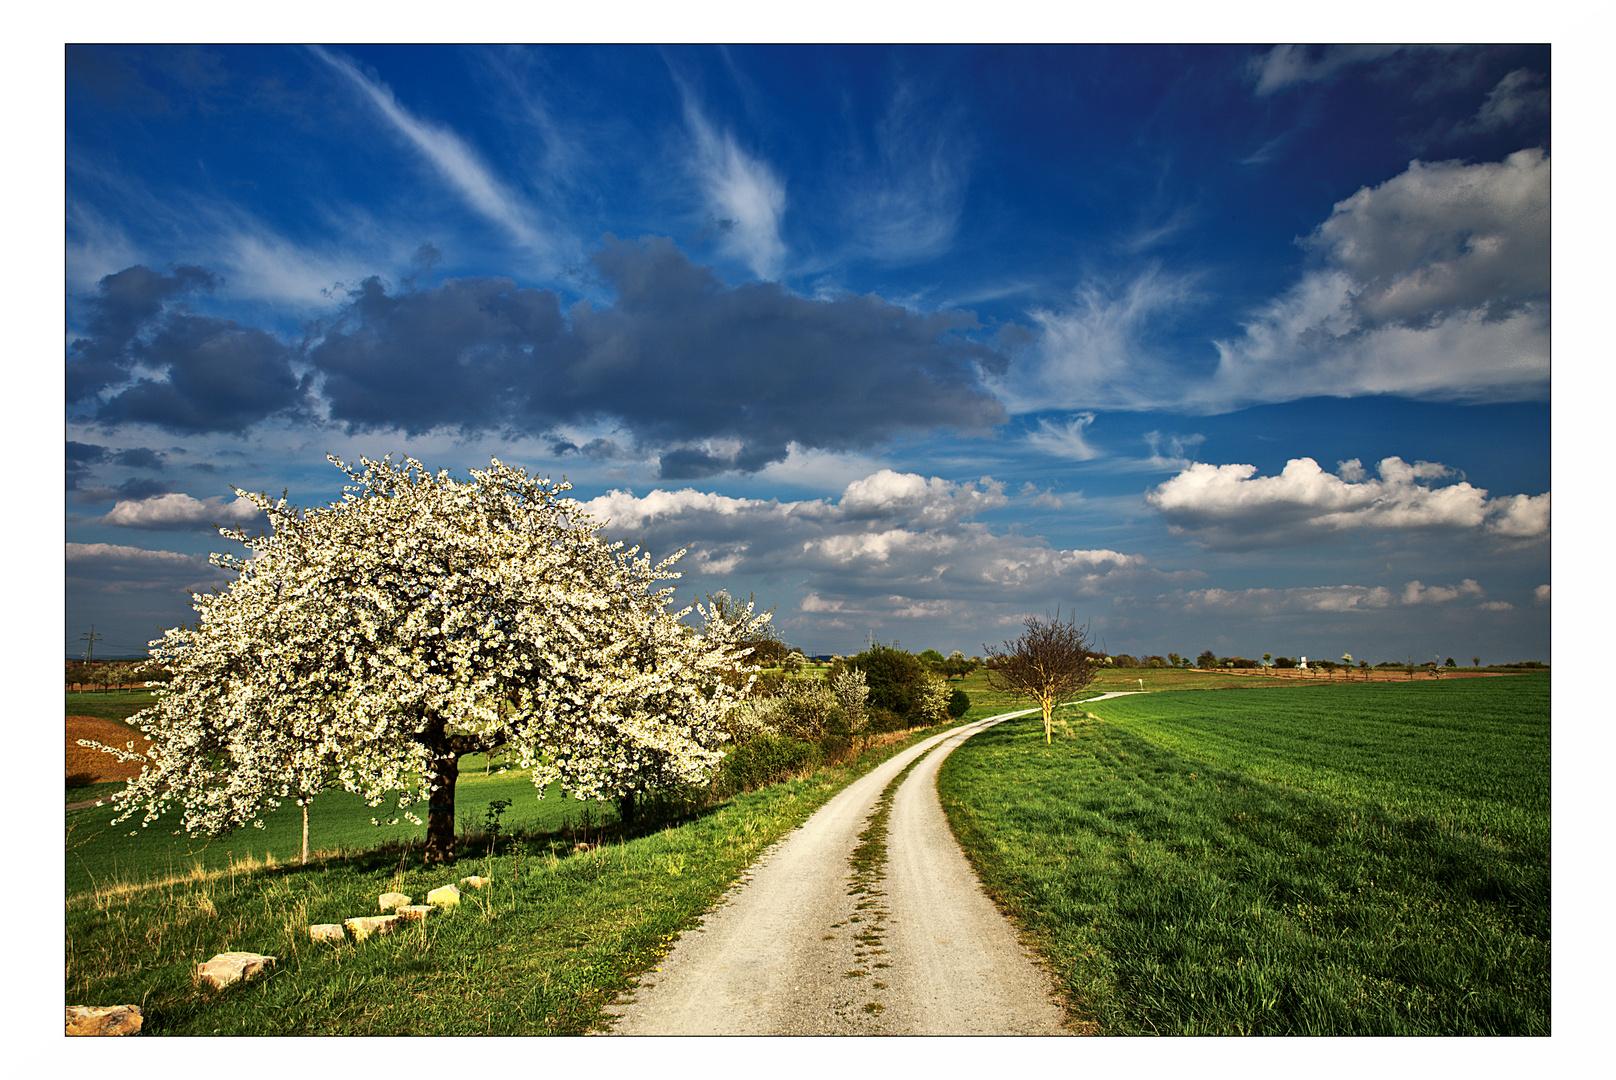 Ein Weg, ein Baum